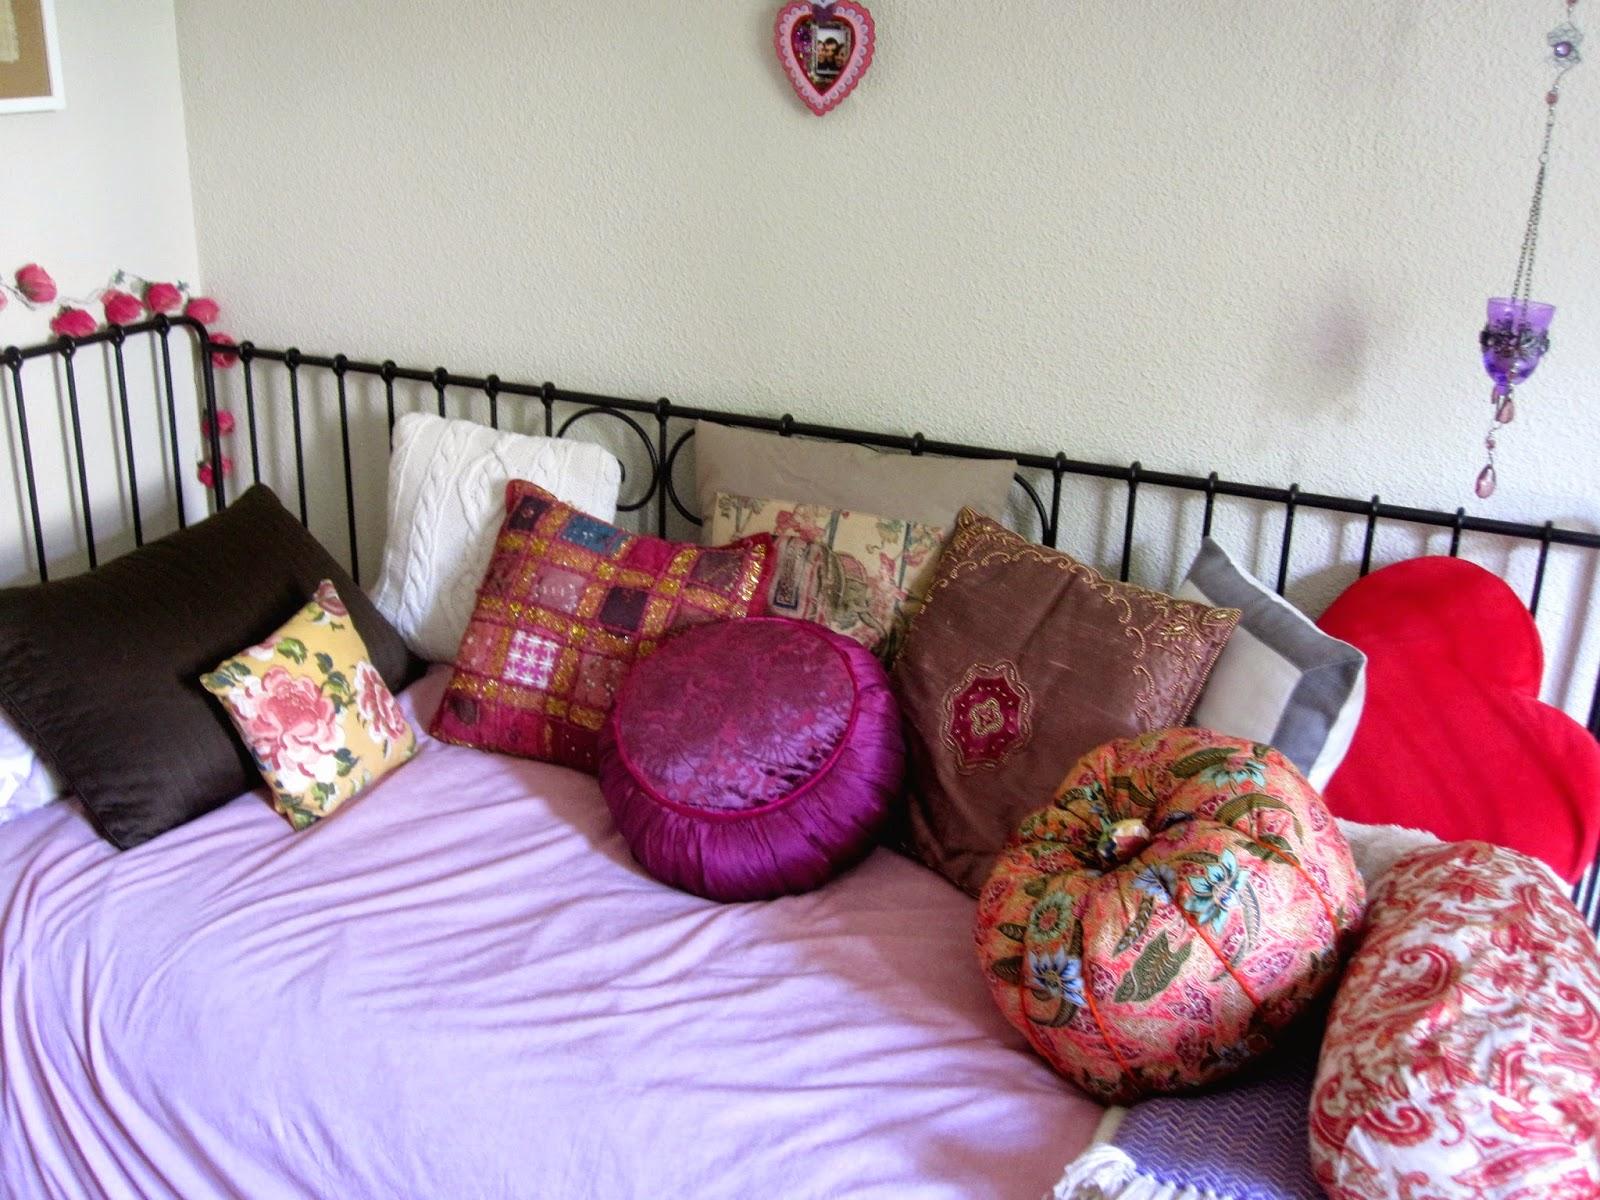 El arte de las cosas nimias trucos de decoraci n y - Decorar cama con cojines ...